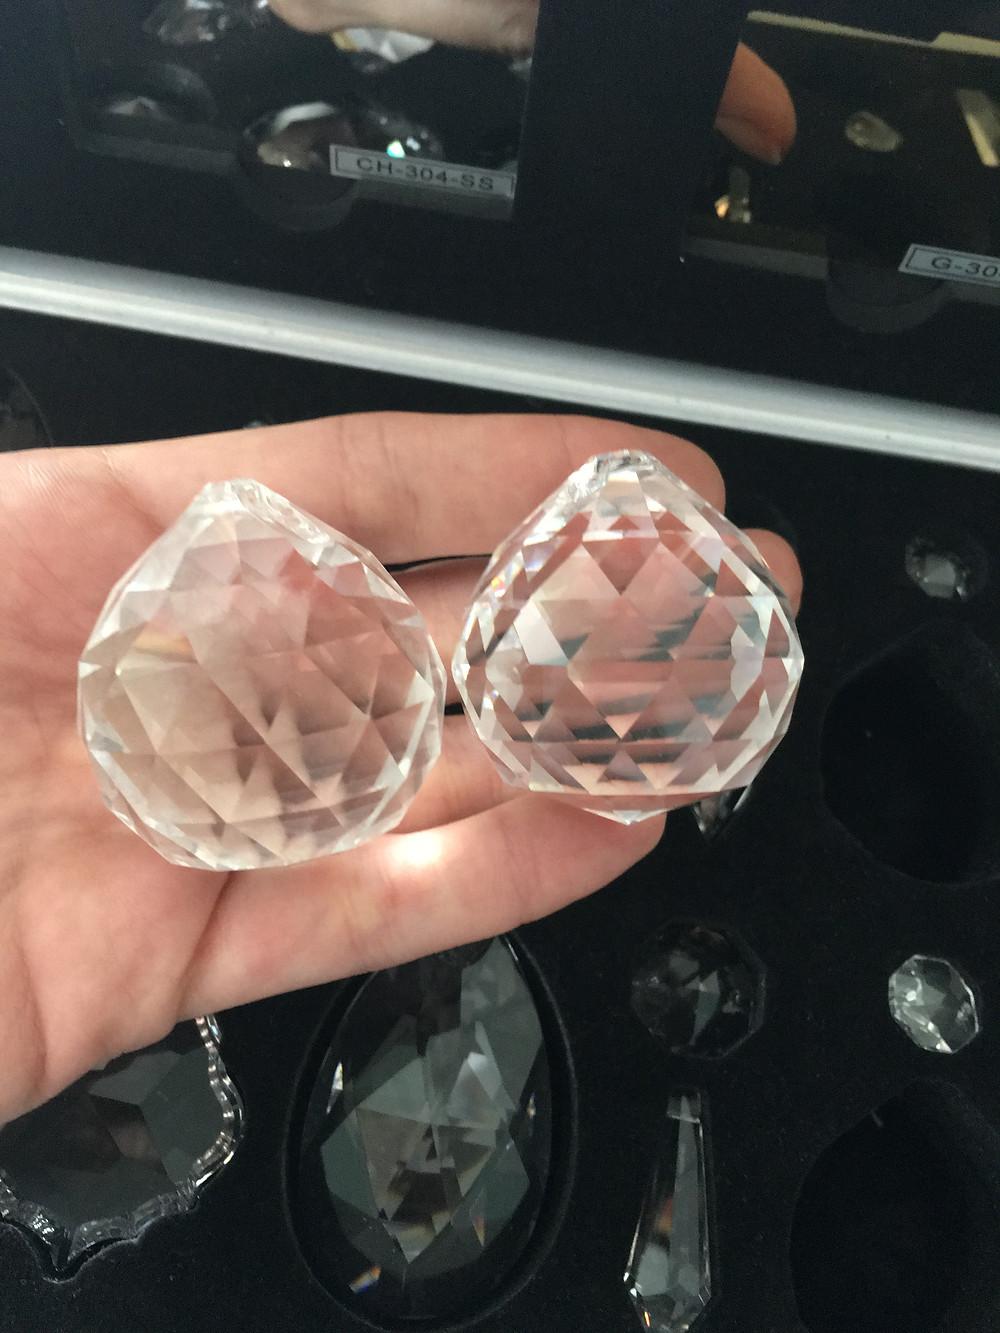 Слева - китайские кристаллы К9, справа - египетские Asfour.